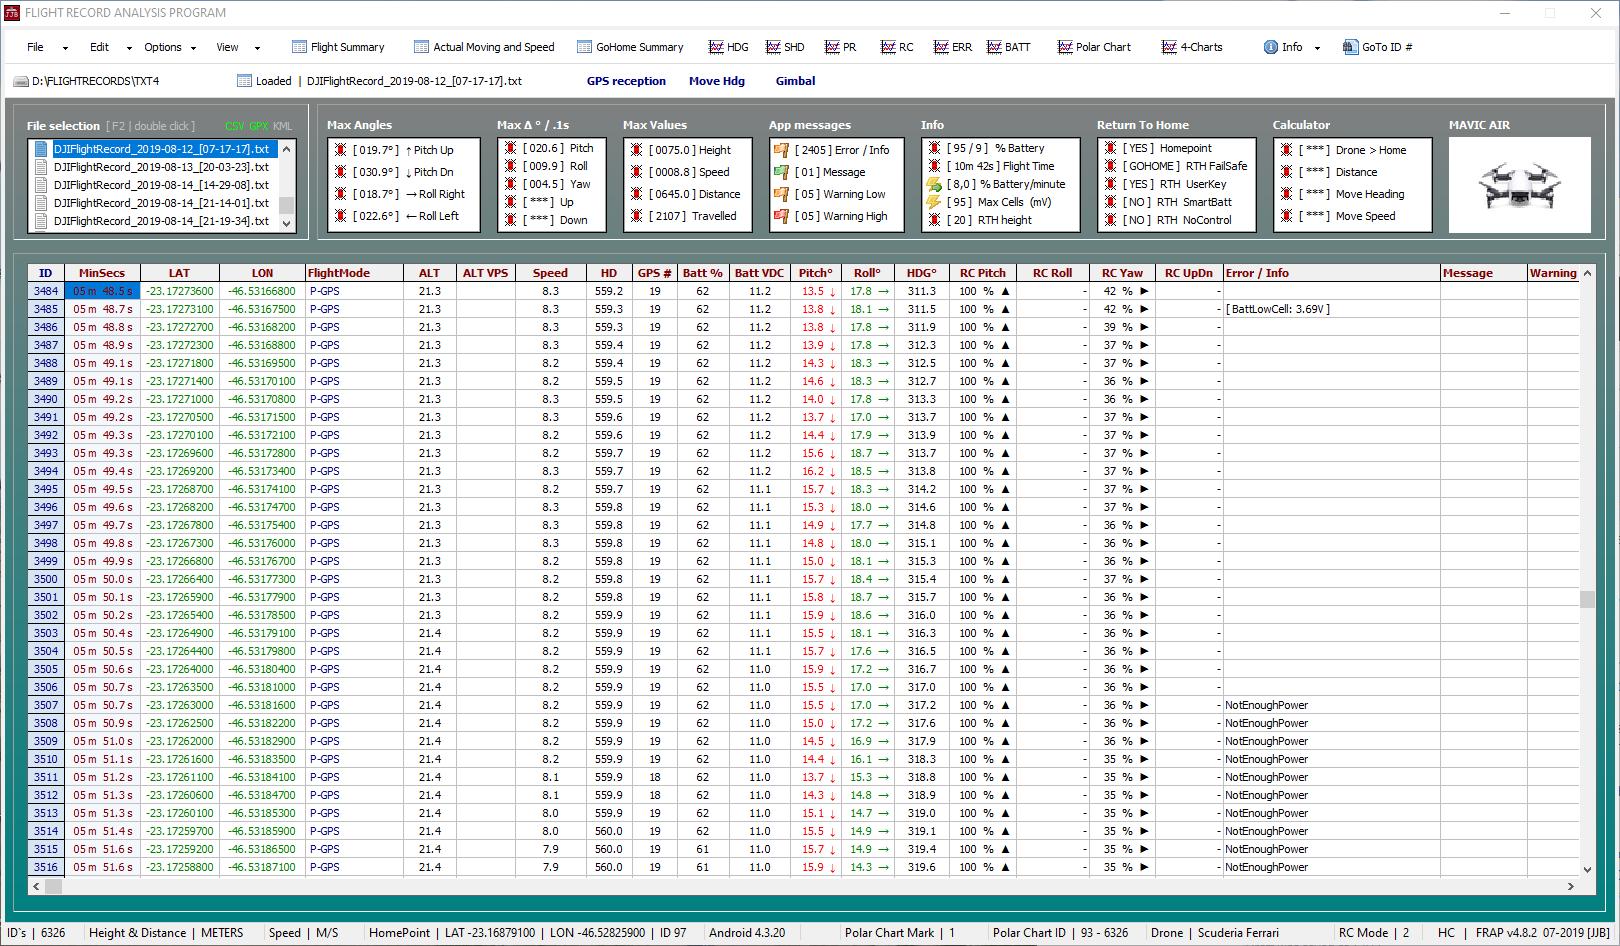 analysis2.png